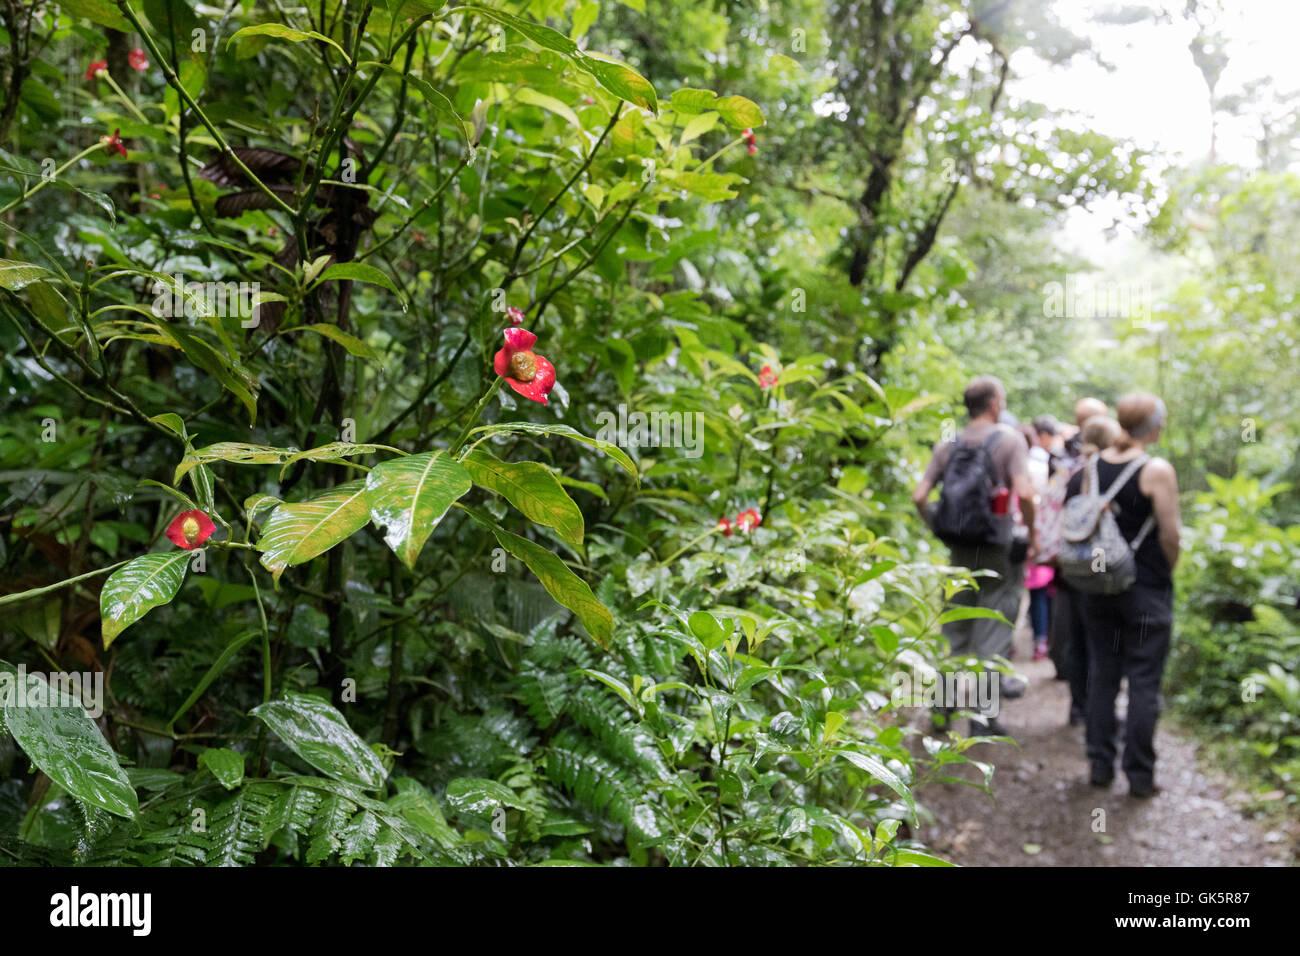 Un groupe de visiteurs de marcher dans la forêt de nuages, Monteverde, Costa Rica, Amérique Centrale Photo Stock